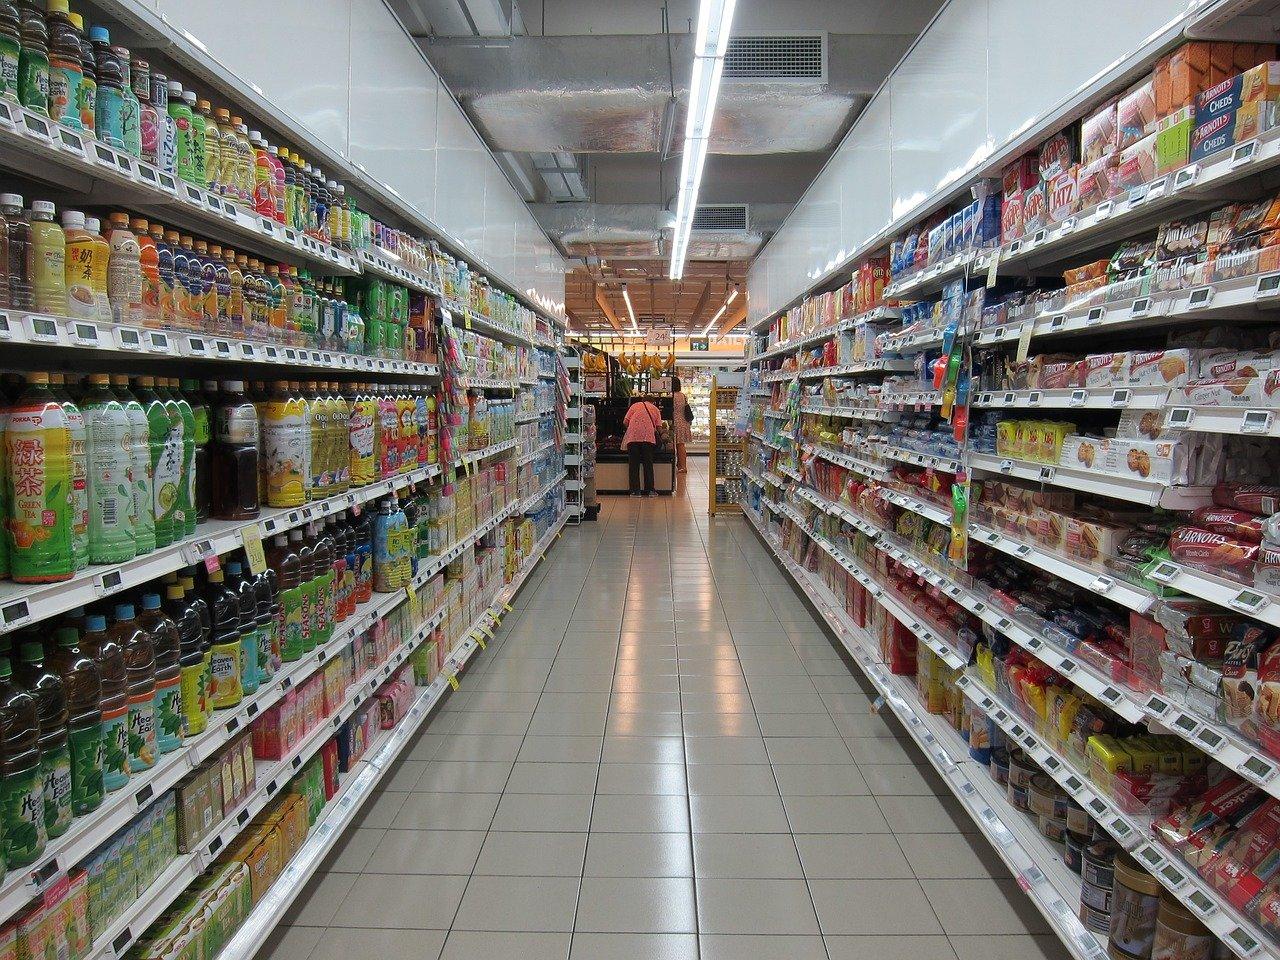 Wzrost cen w Polsce największy od 10 lat! Najbardziej drożeje żywność i energia - Zdjęcie główne